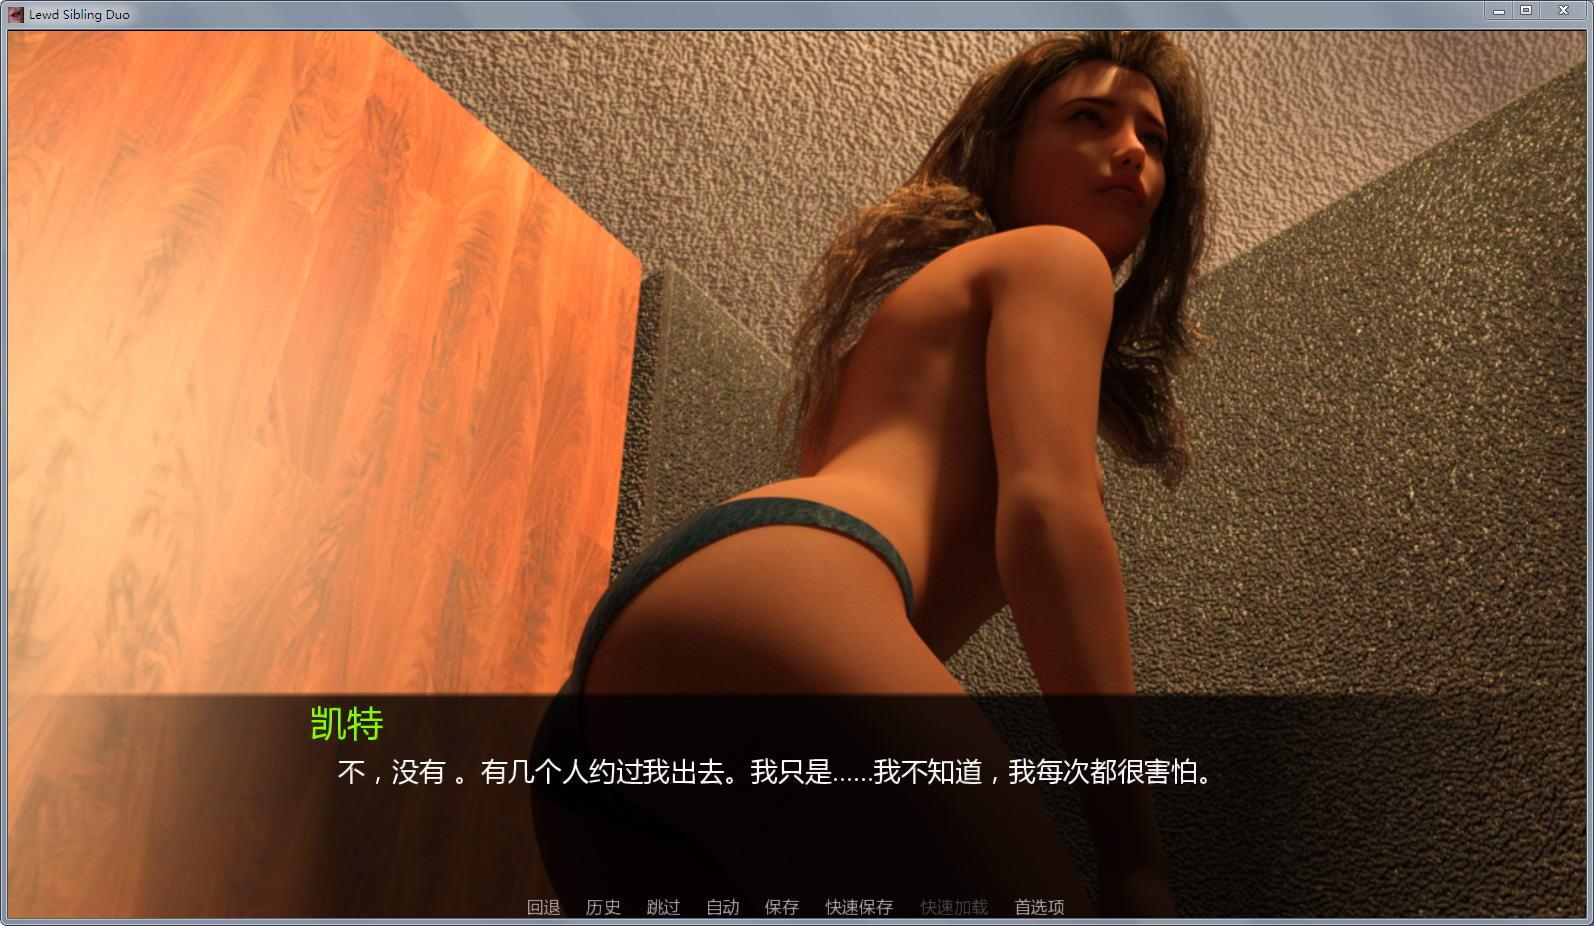 堕·落兄妹-LSD Ver8.1 汉化版【新作/PC+安卓版/LG/汉化/动态CG/2.4G/0404】